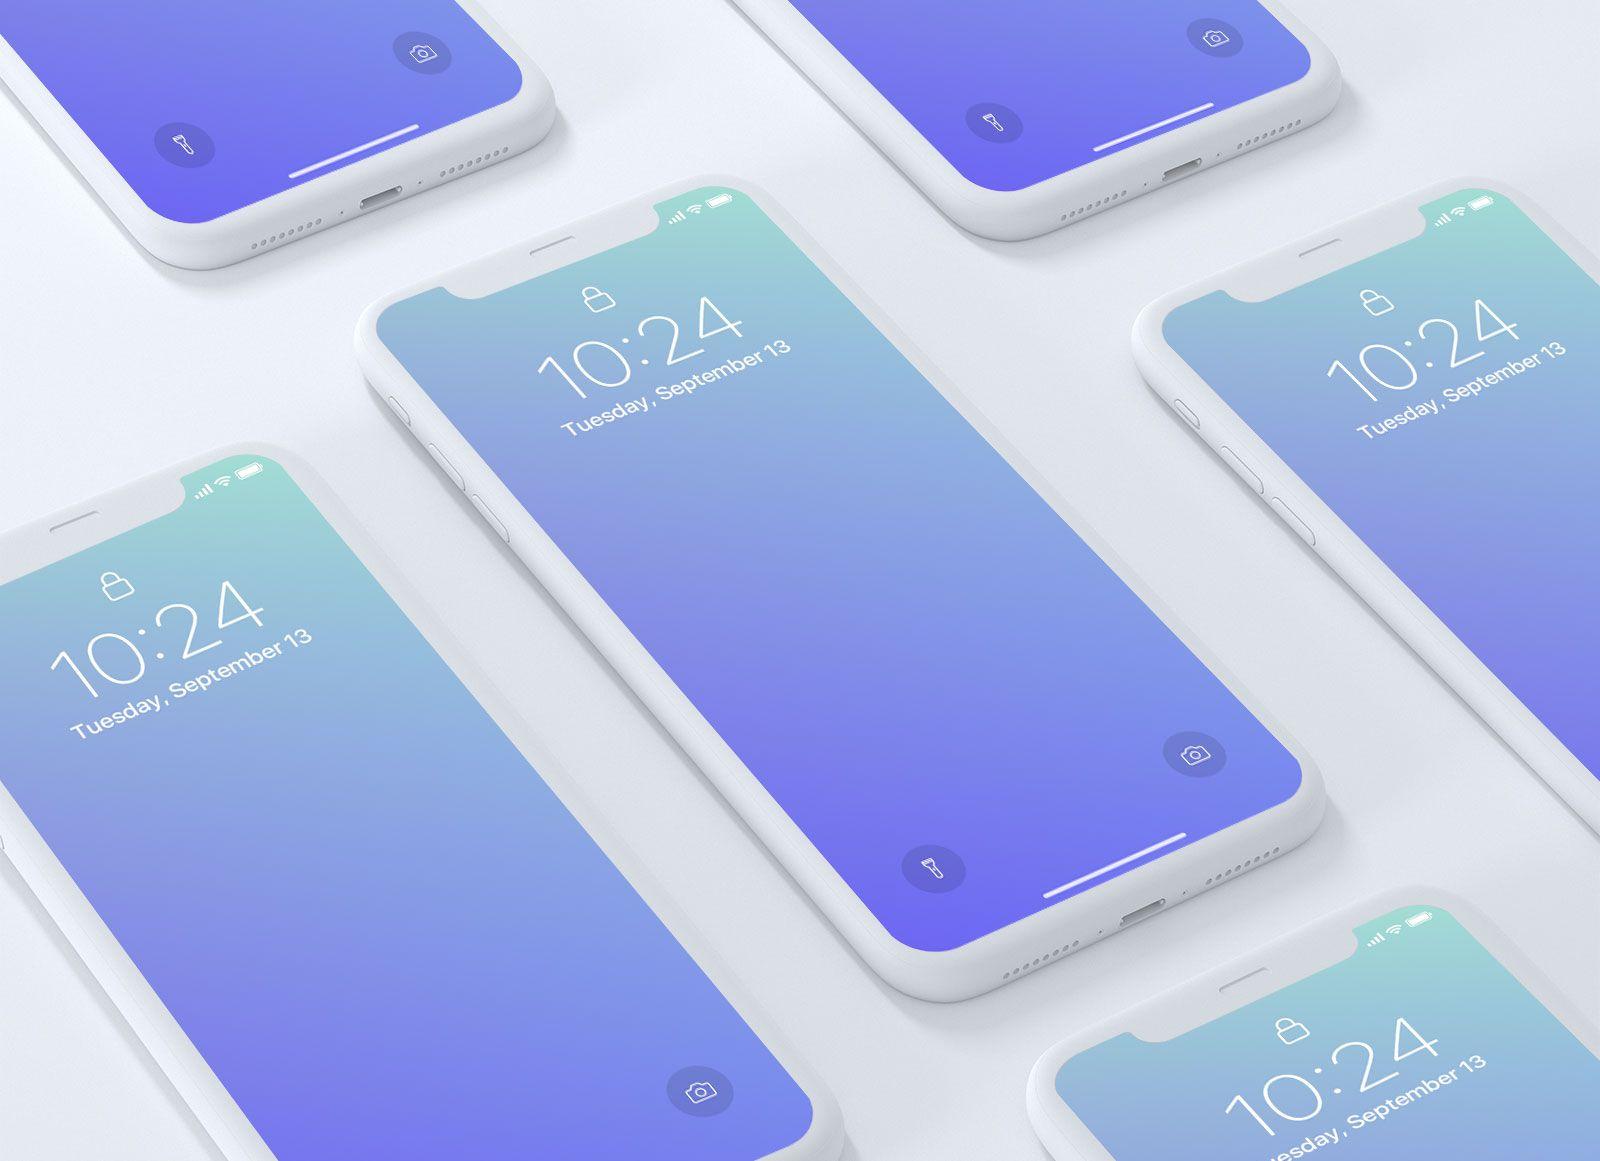 Download Free Premium Iphone X App Screen Mockup Psd Iphone Mockup Free Mockup Iphone